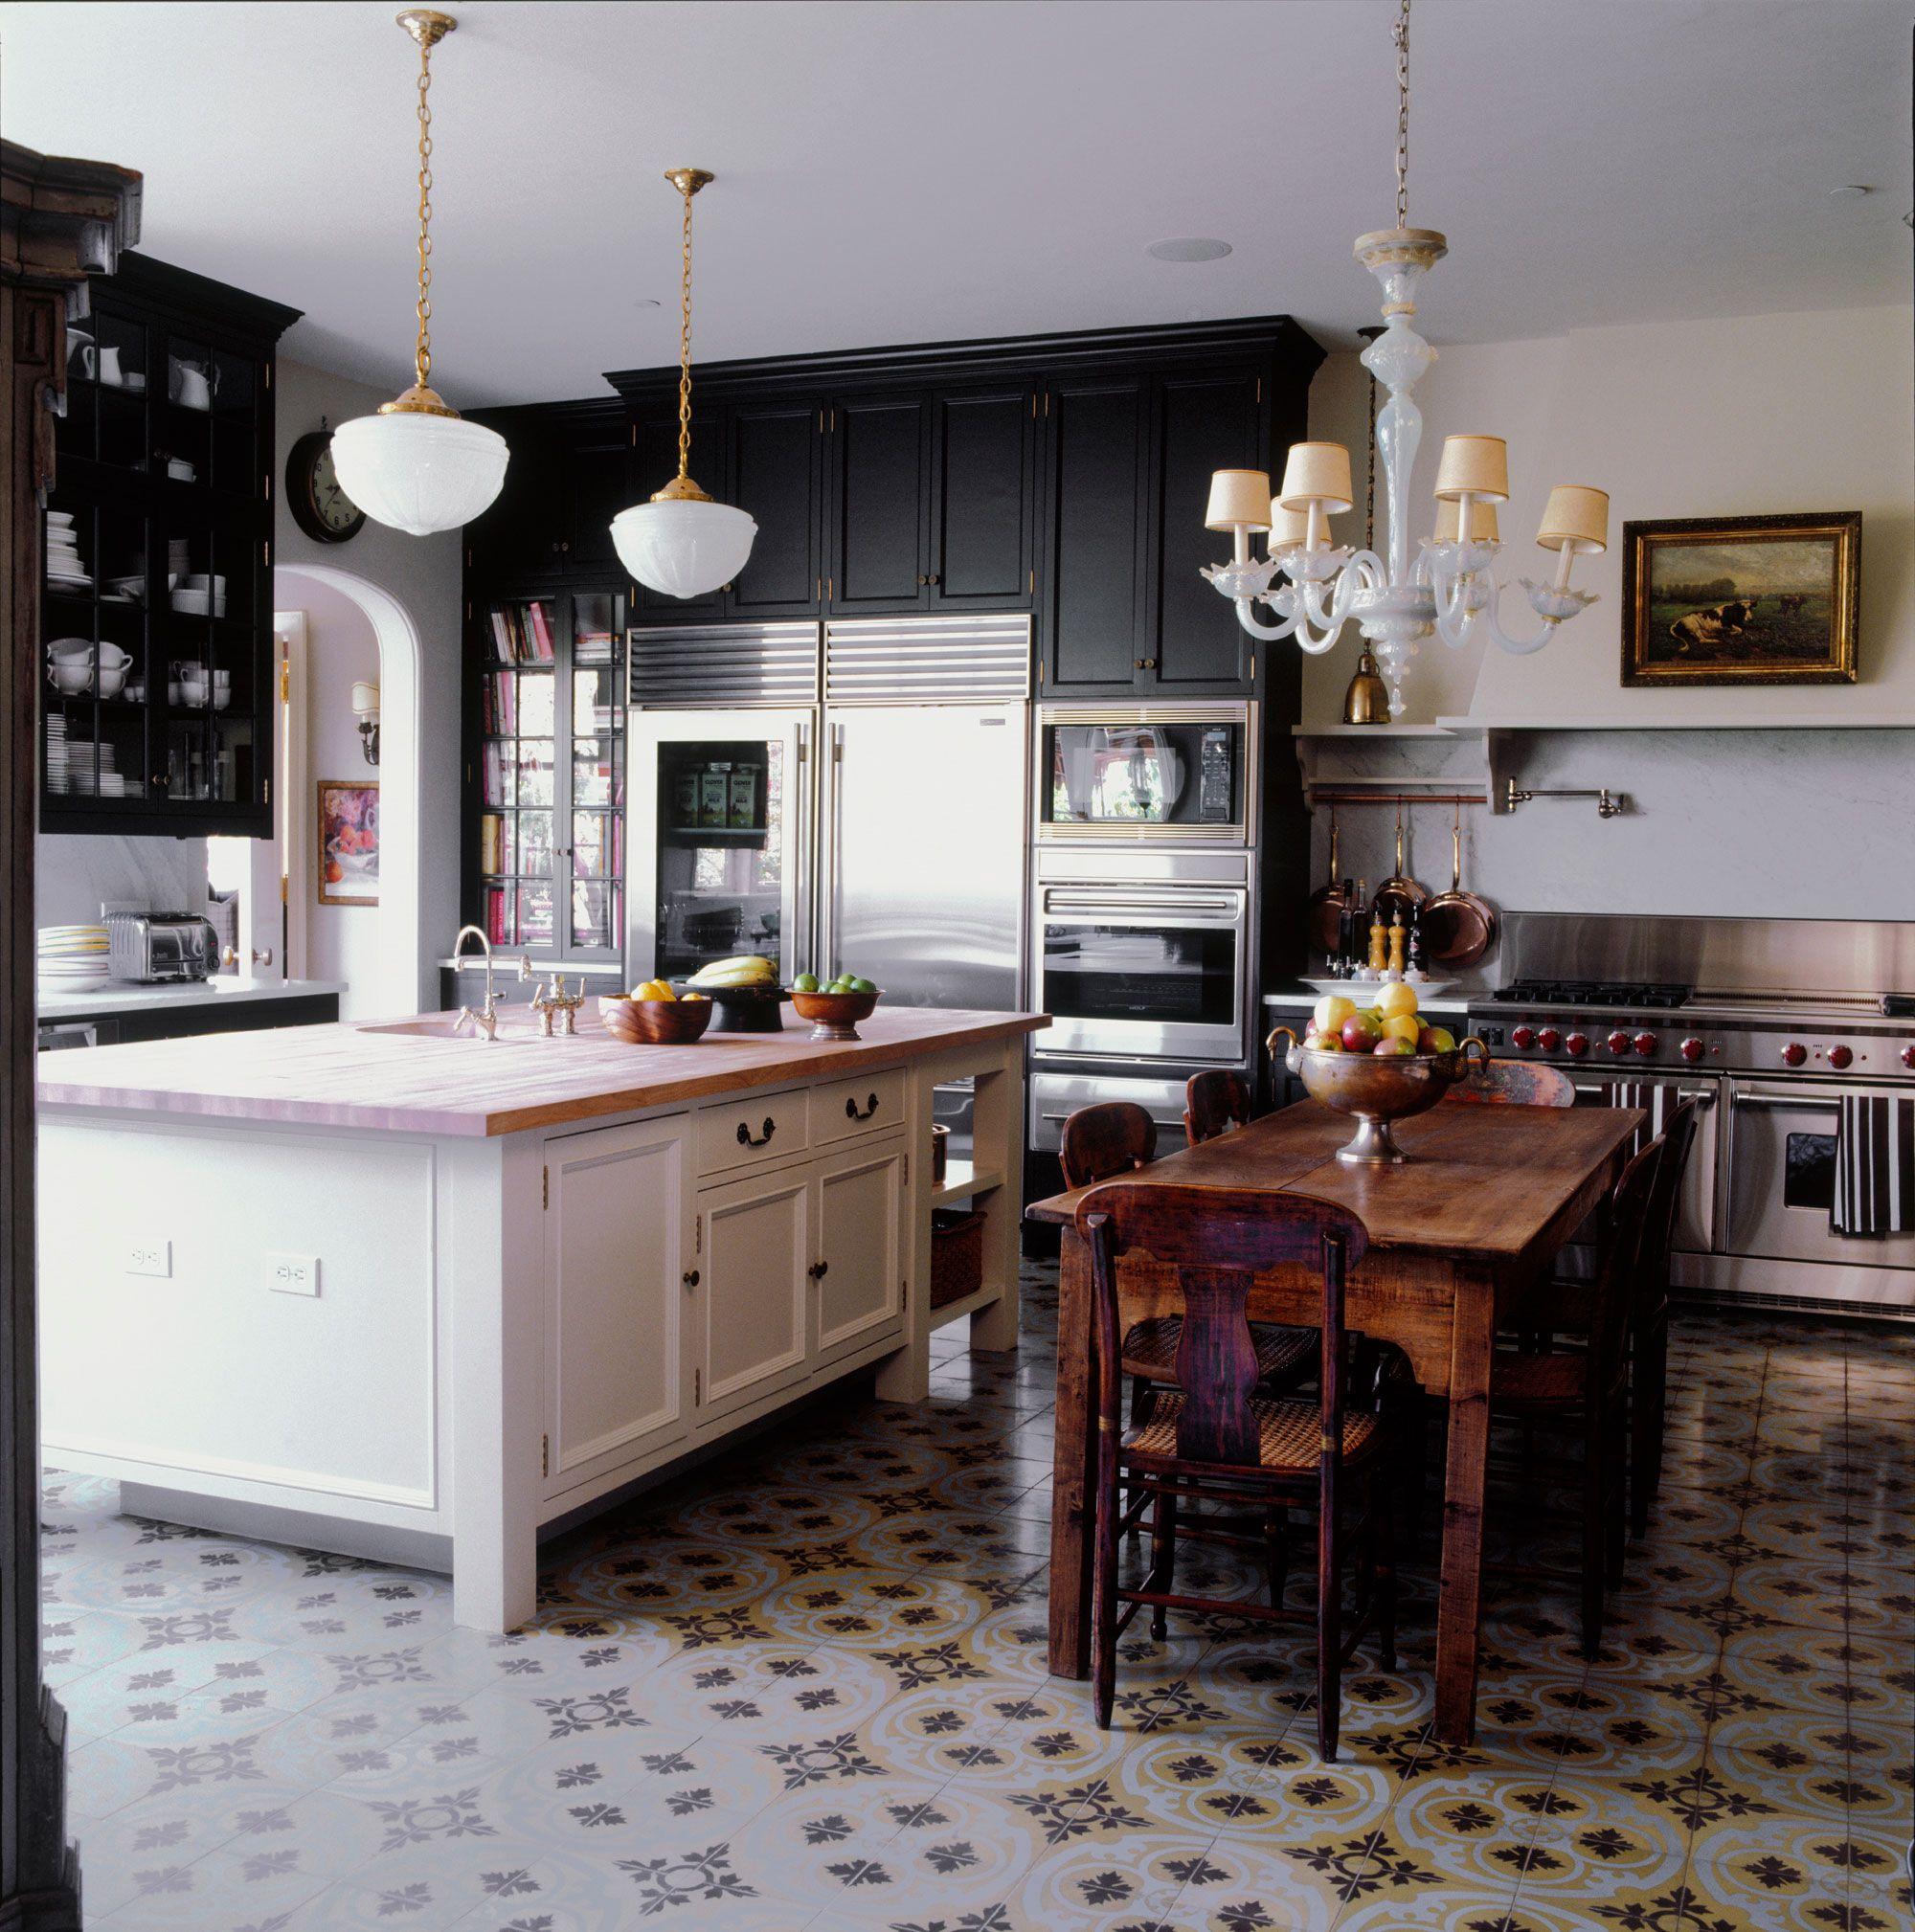 Matte Black Kitchen Cabinets 30 Best Black Kitchen Cabinets Kitchen Design Ideas With Black